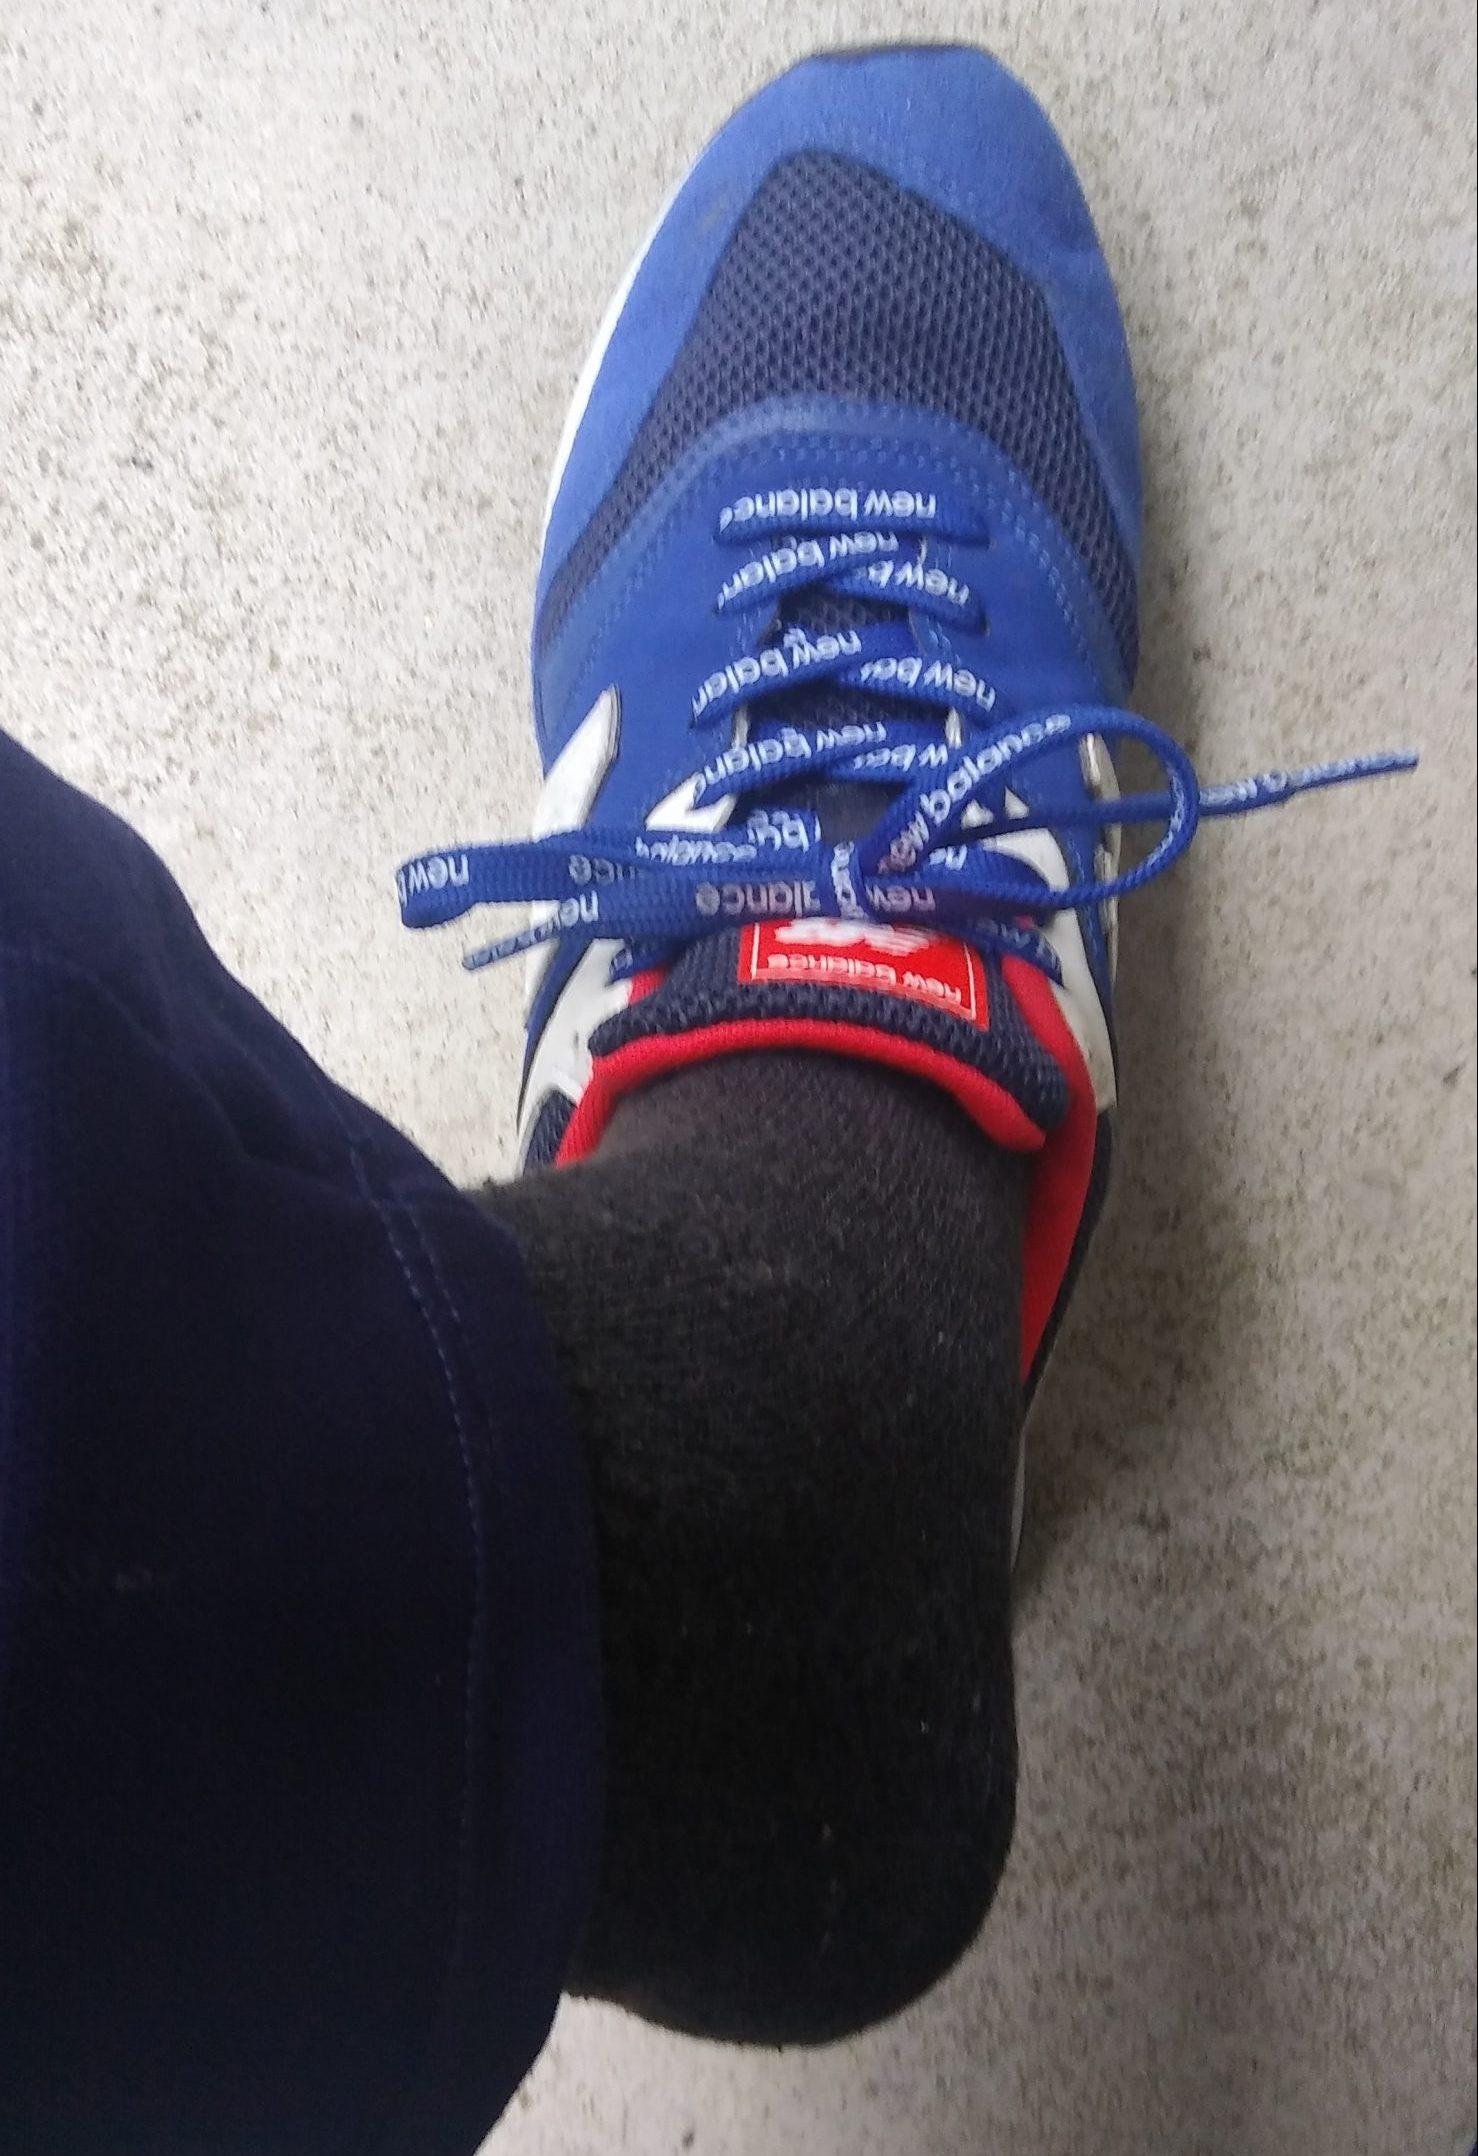 間違った靴の履き方 紐をしめたまま履く・脱ぐ